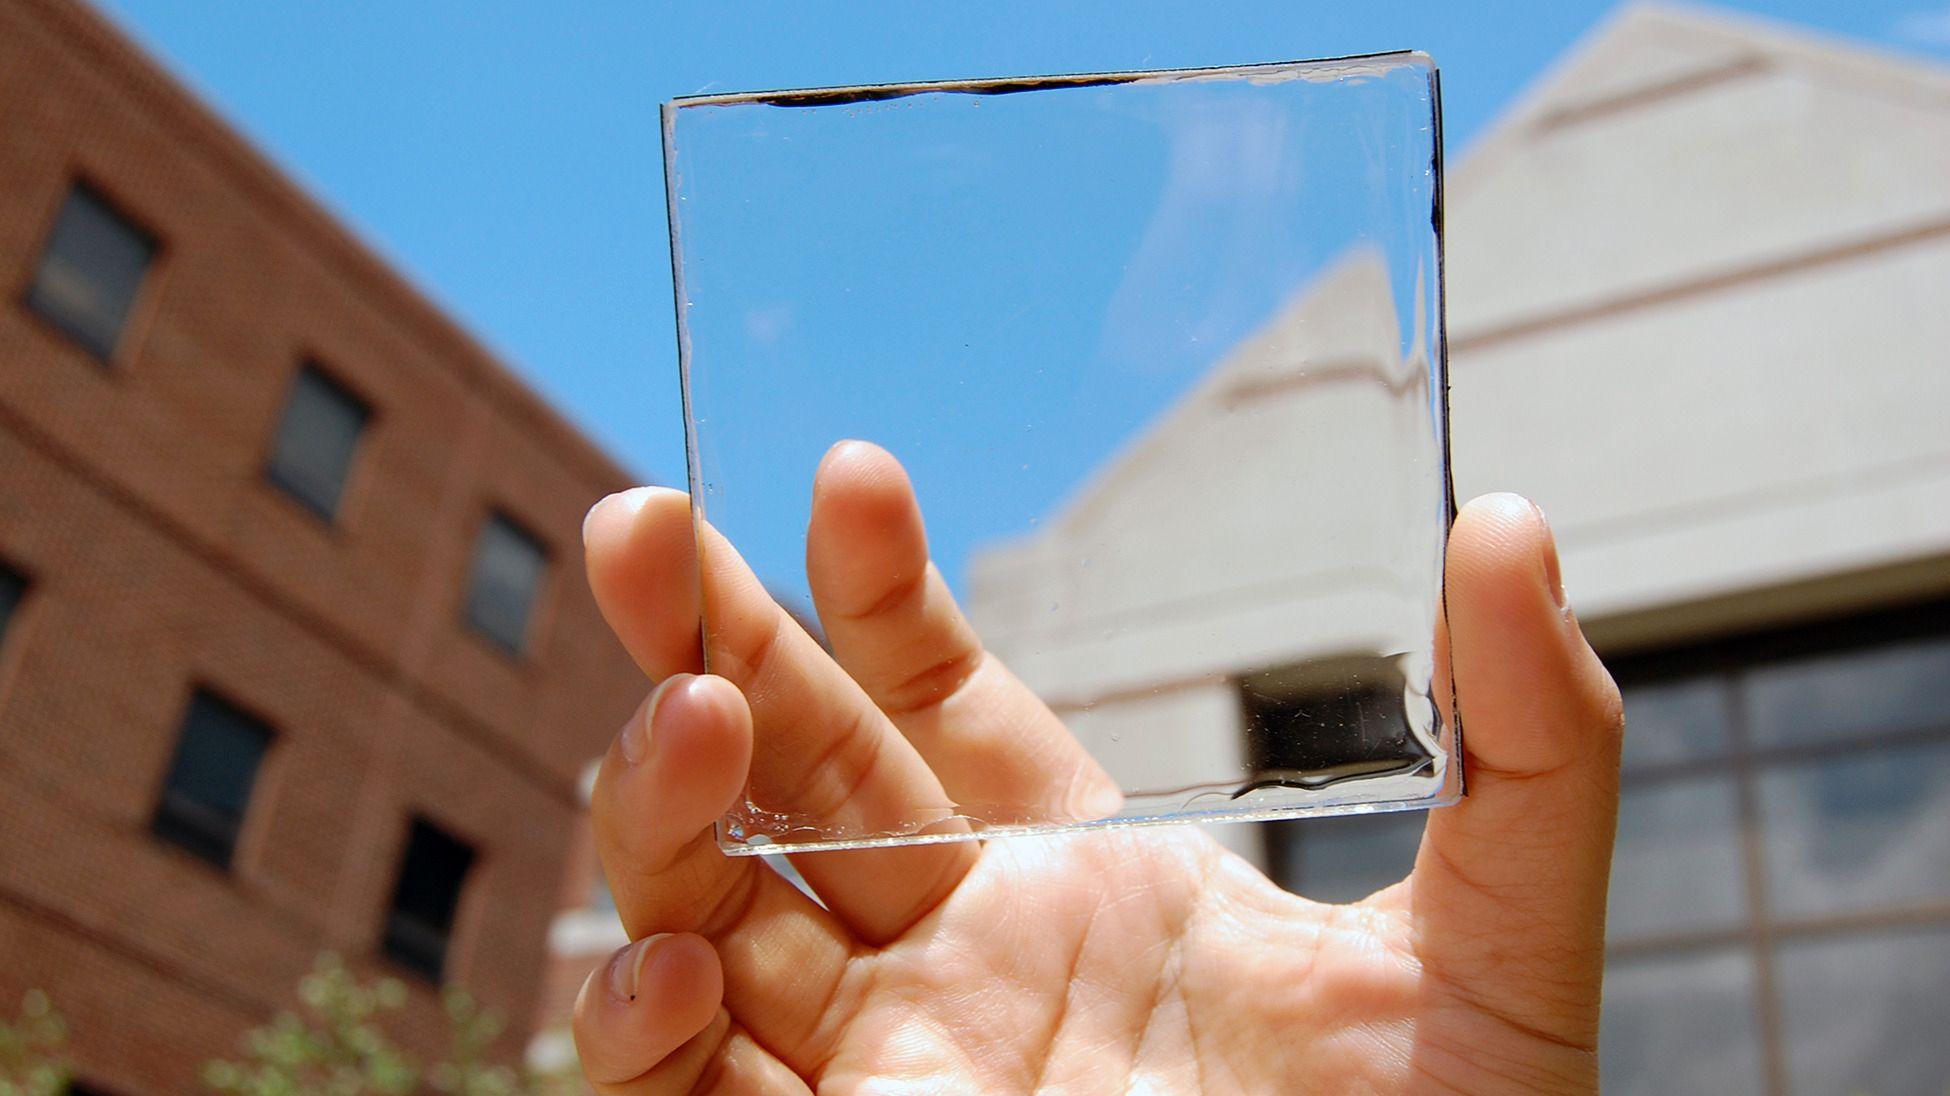 Vil bygge solcellepaner inn i skjermene